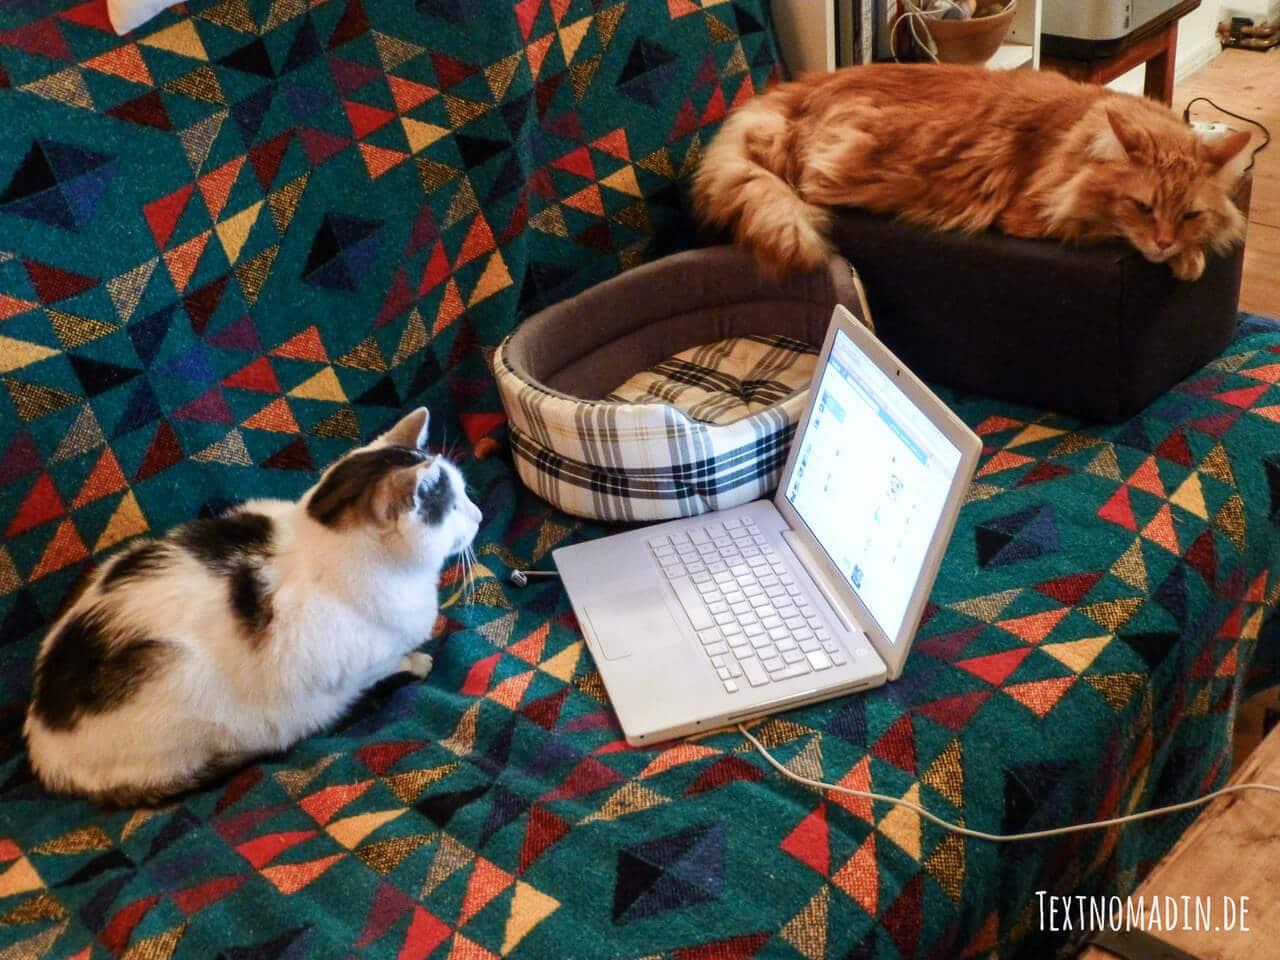 Zwei Katzen liegen aus dem Sofa und beobachten den Laptop